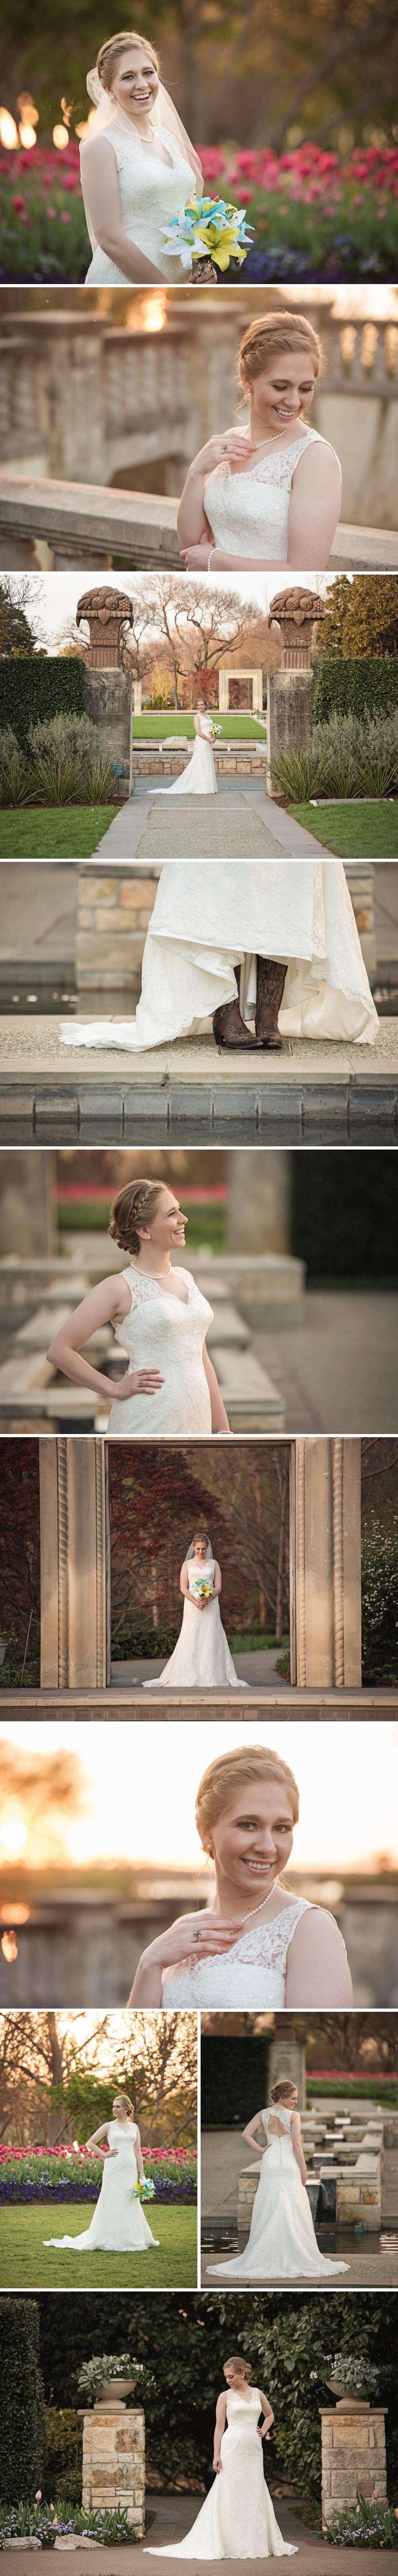 Bridal Session at Dallas Arboretum